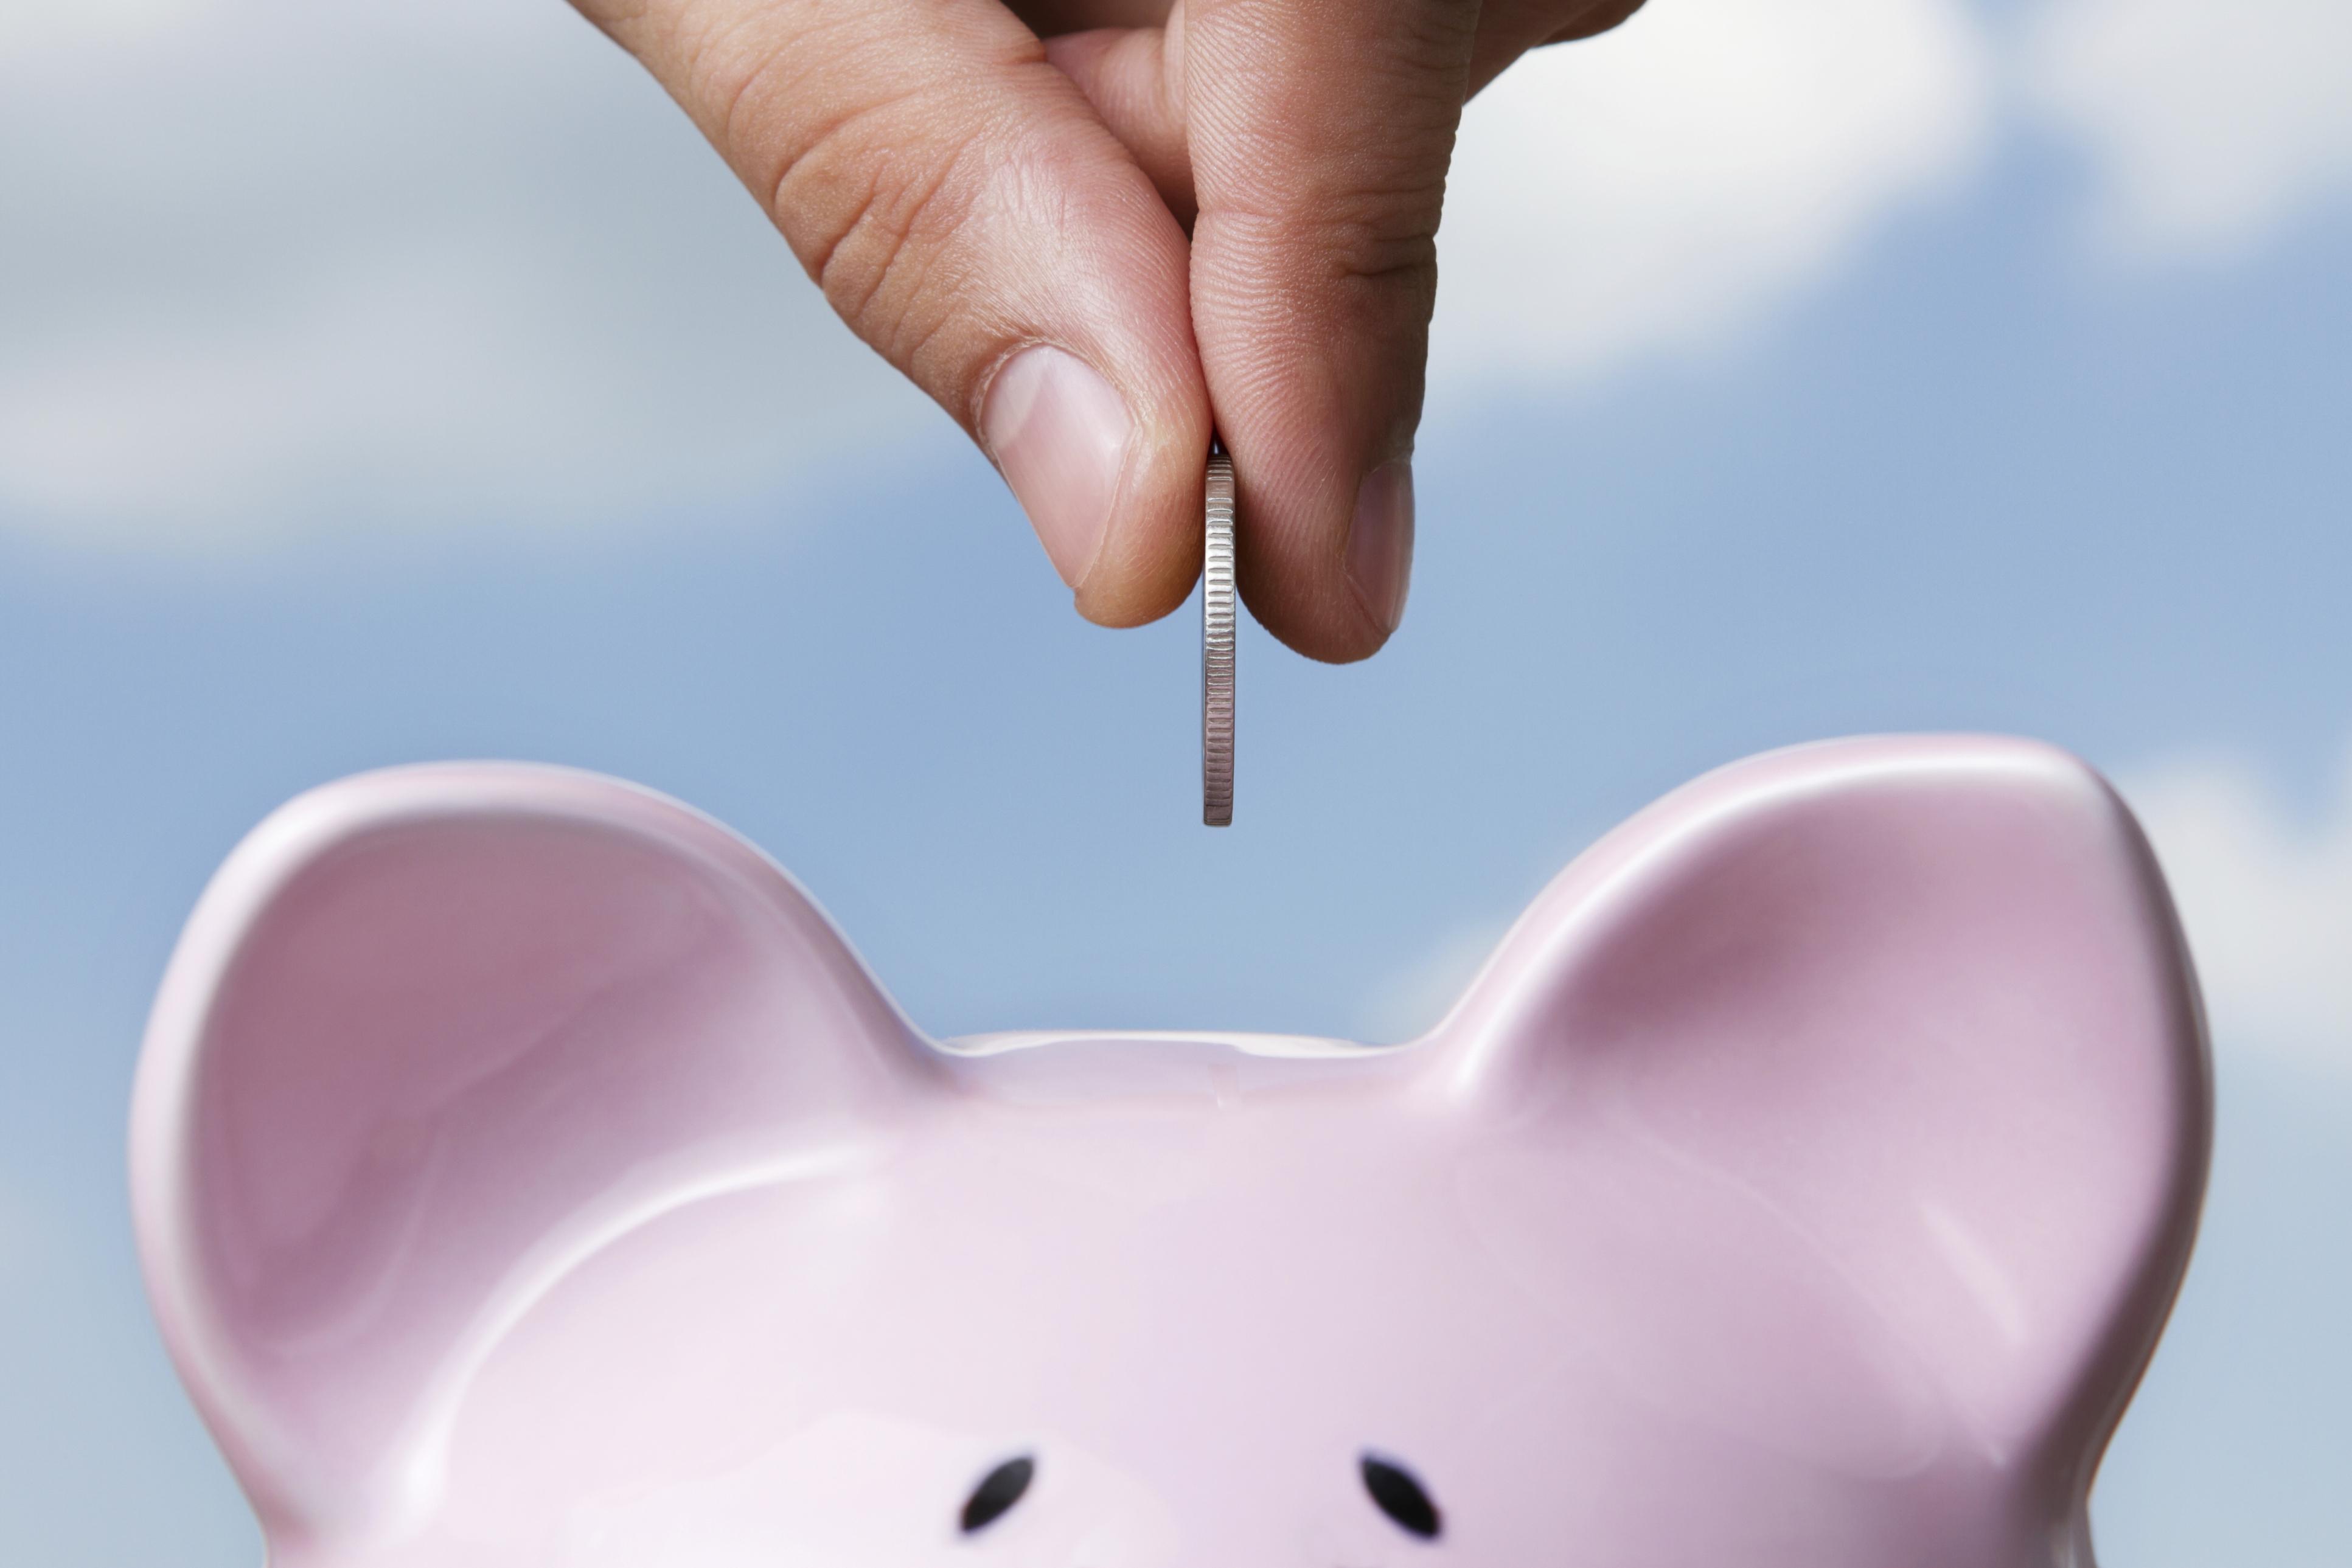 Le migliori offerte adsl e telefono per risparmiare - Adsl para casa barato ...